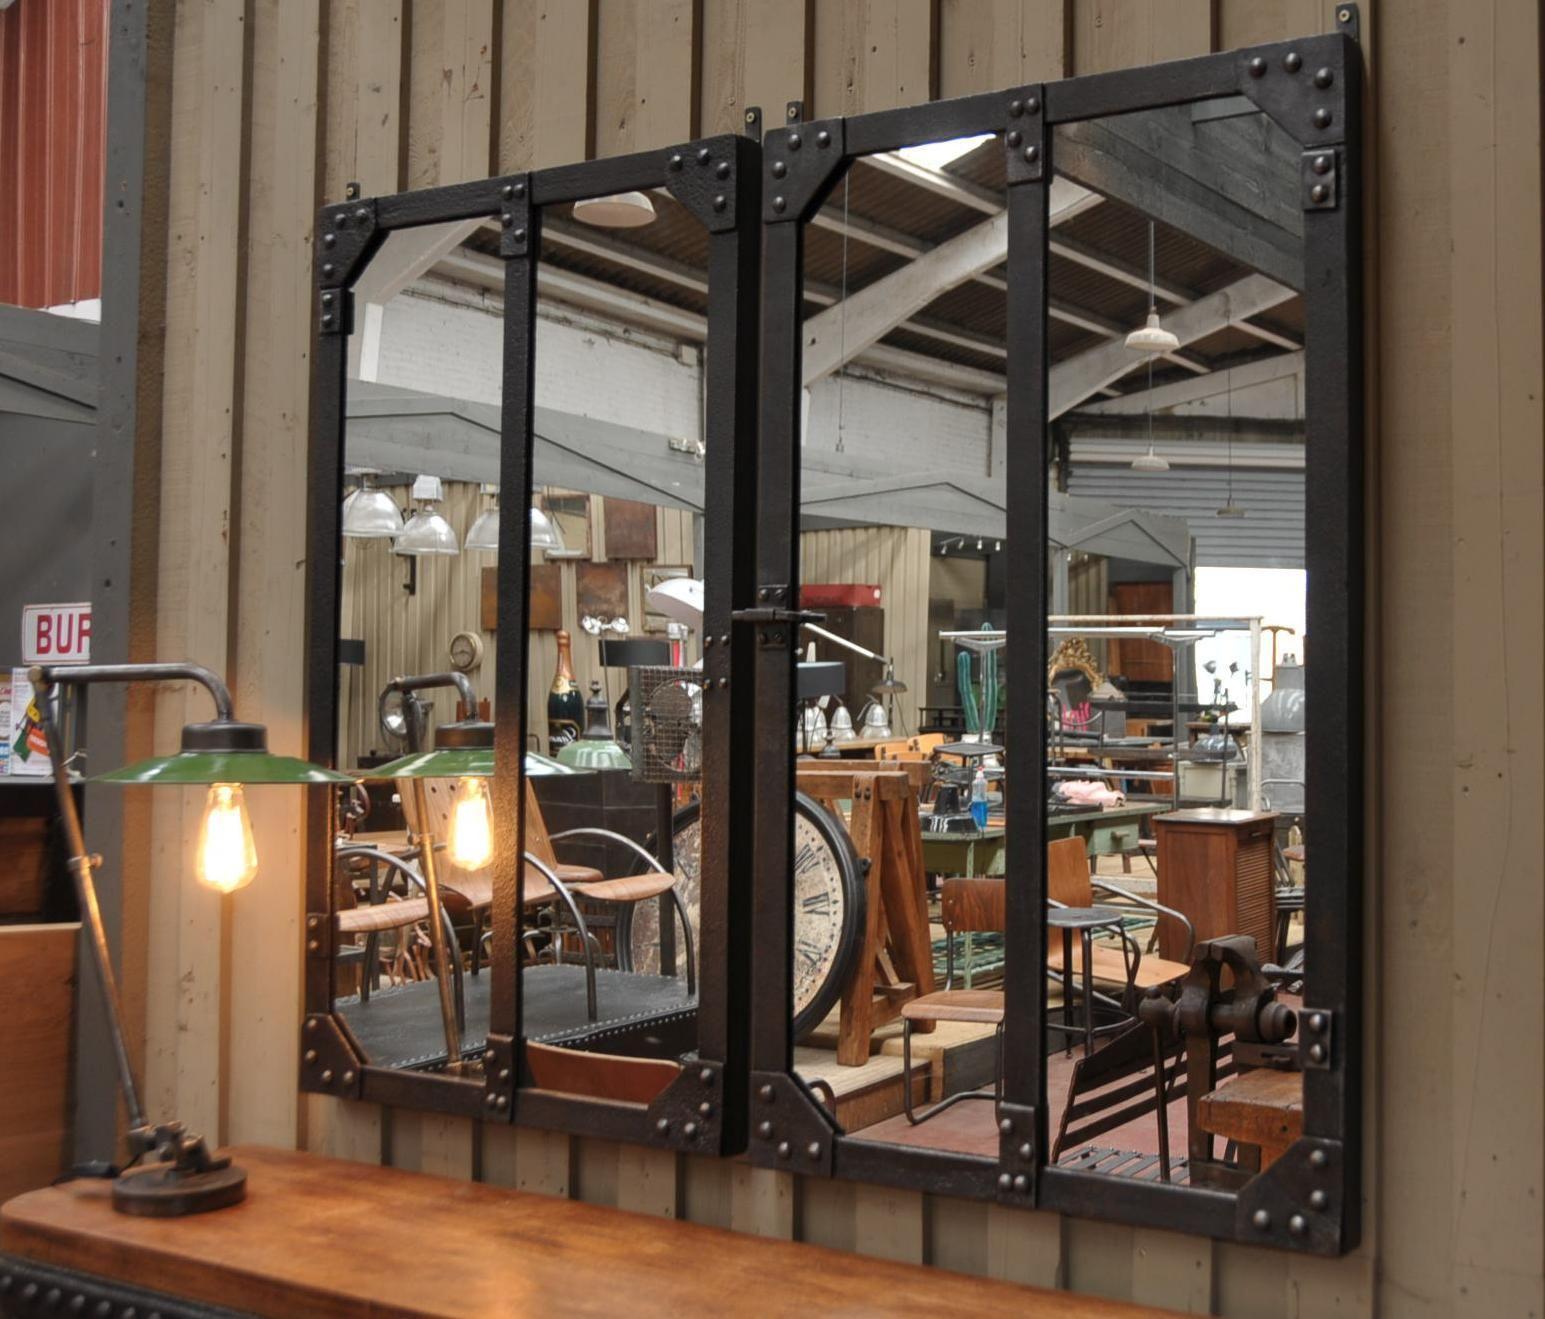 Paire de miroir industriel m tal rivet 1900 le grenier for Miroir industriel